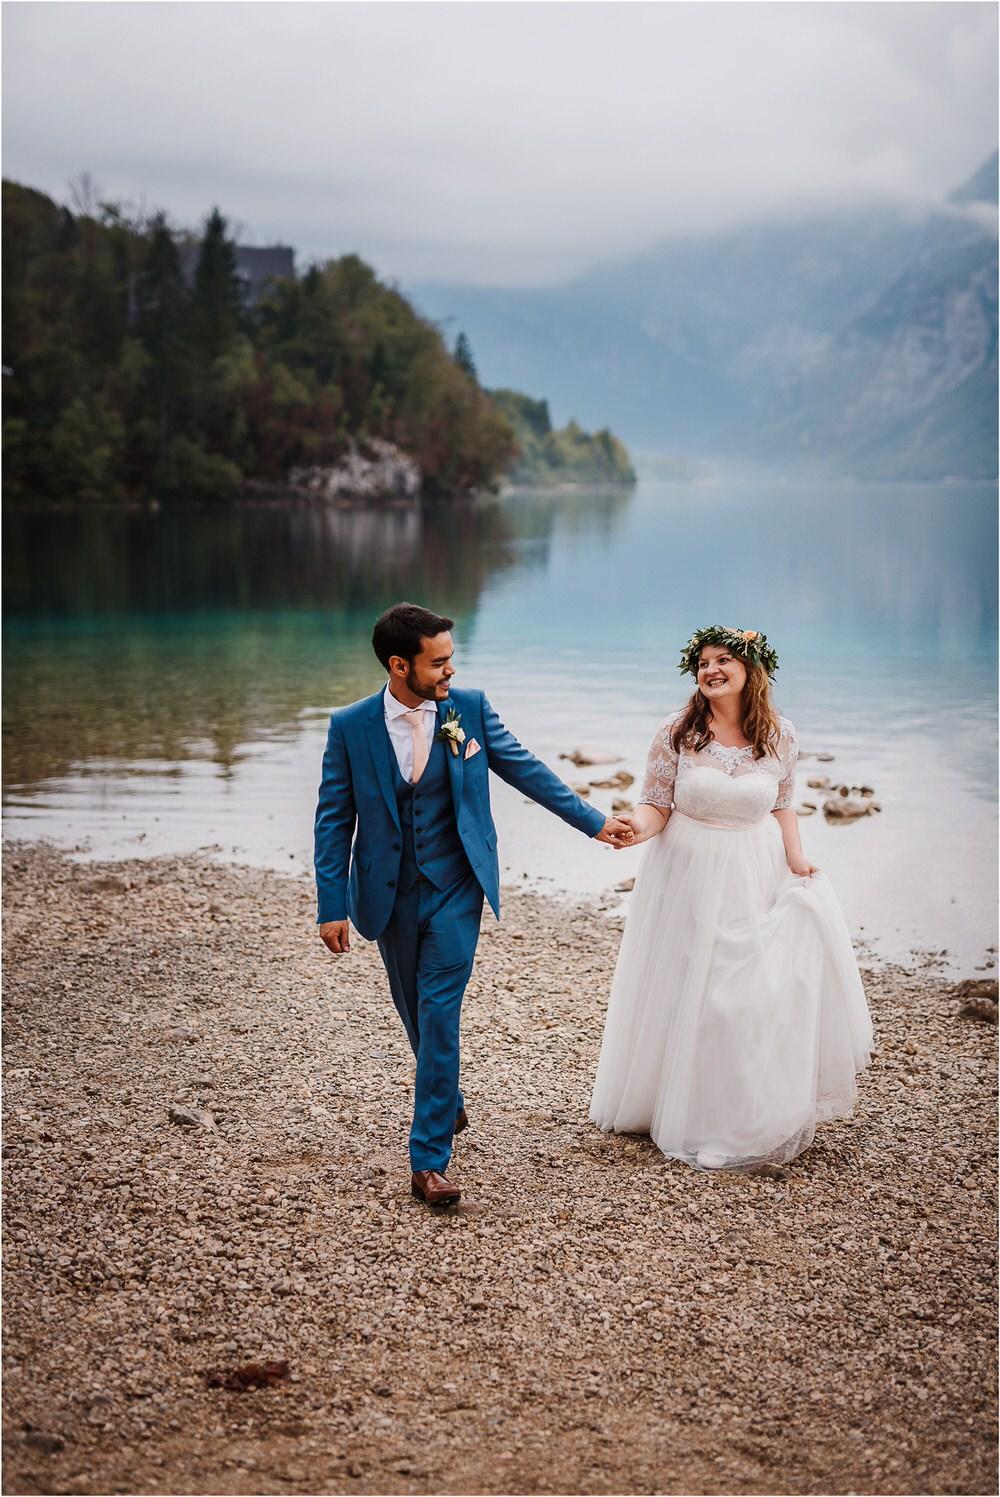 bohinj lake wedding boho chic rustic poroka bohinjsko jezero rustikalna fotograf fotografiranje poročni 0065.jpg